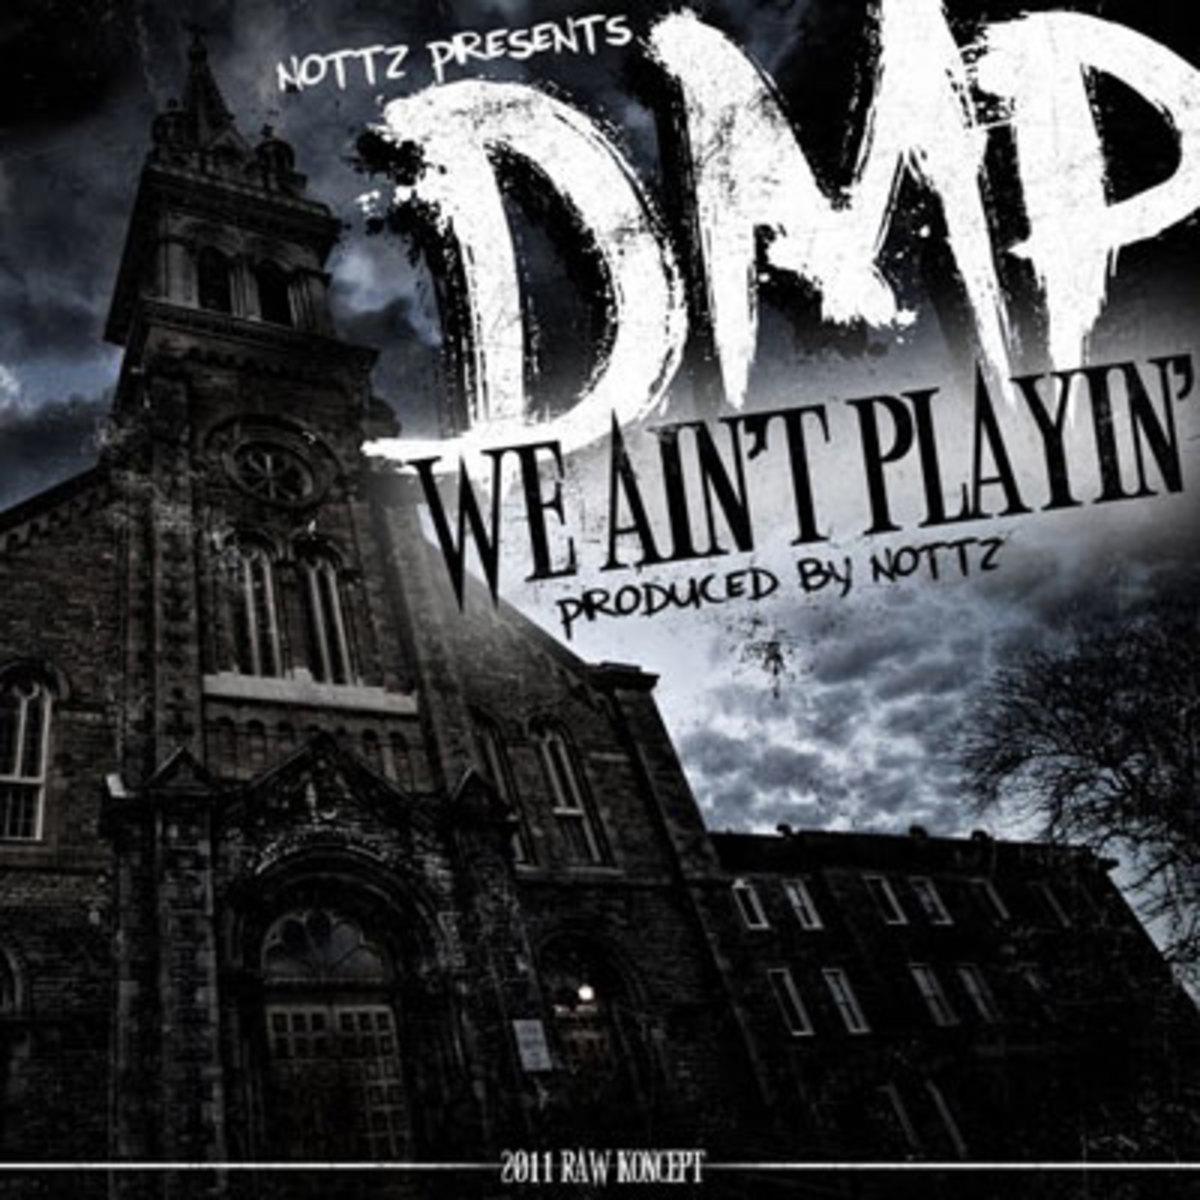 dmp-weaintplayin.jpg